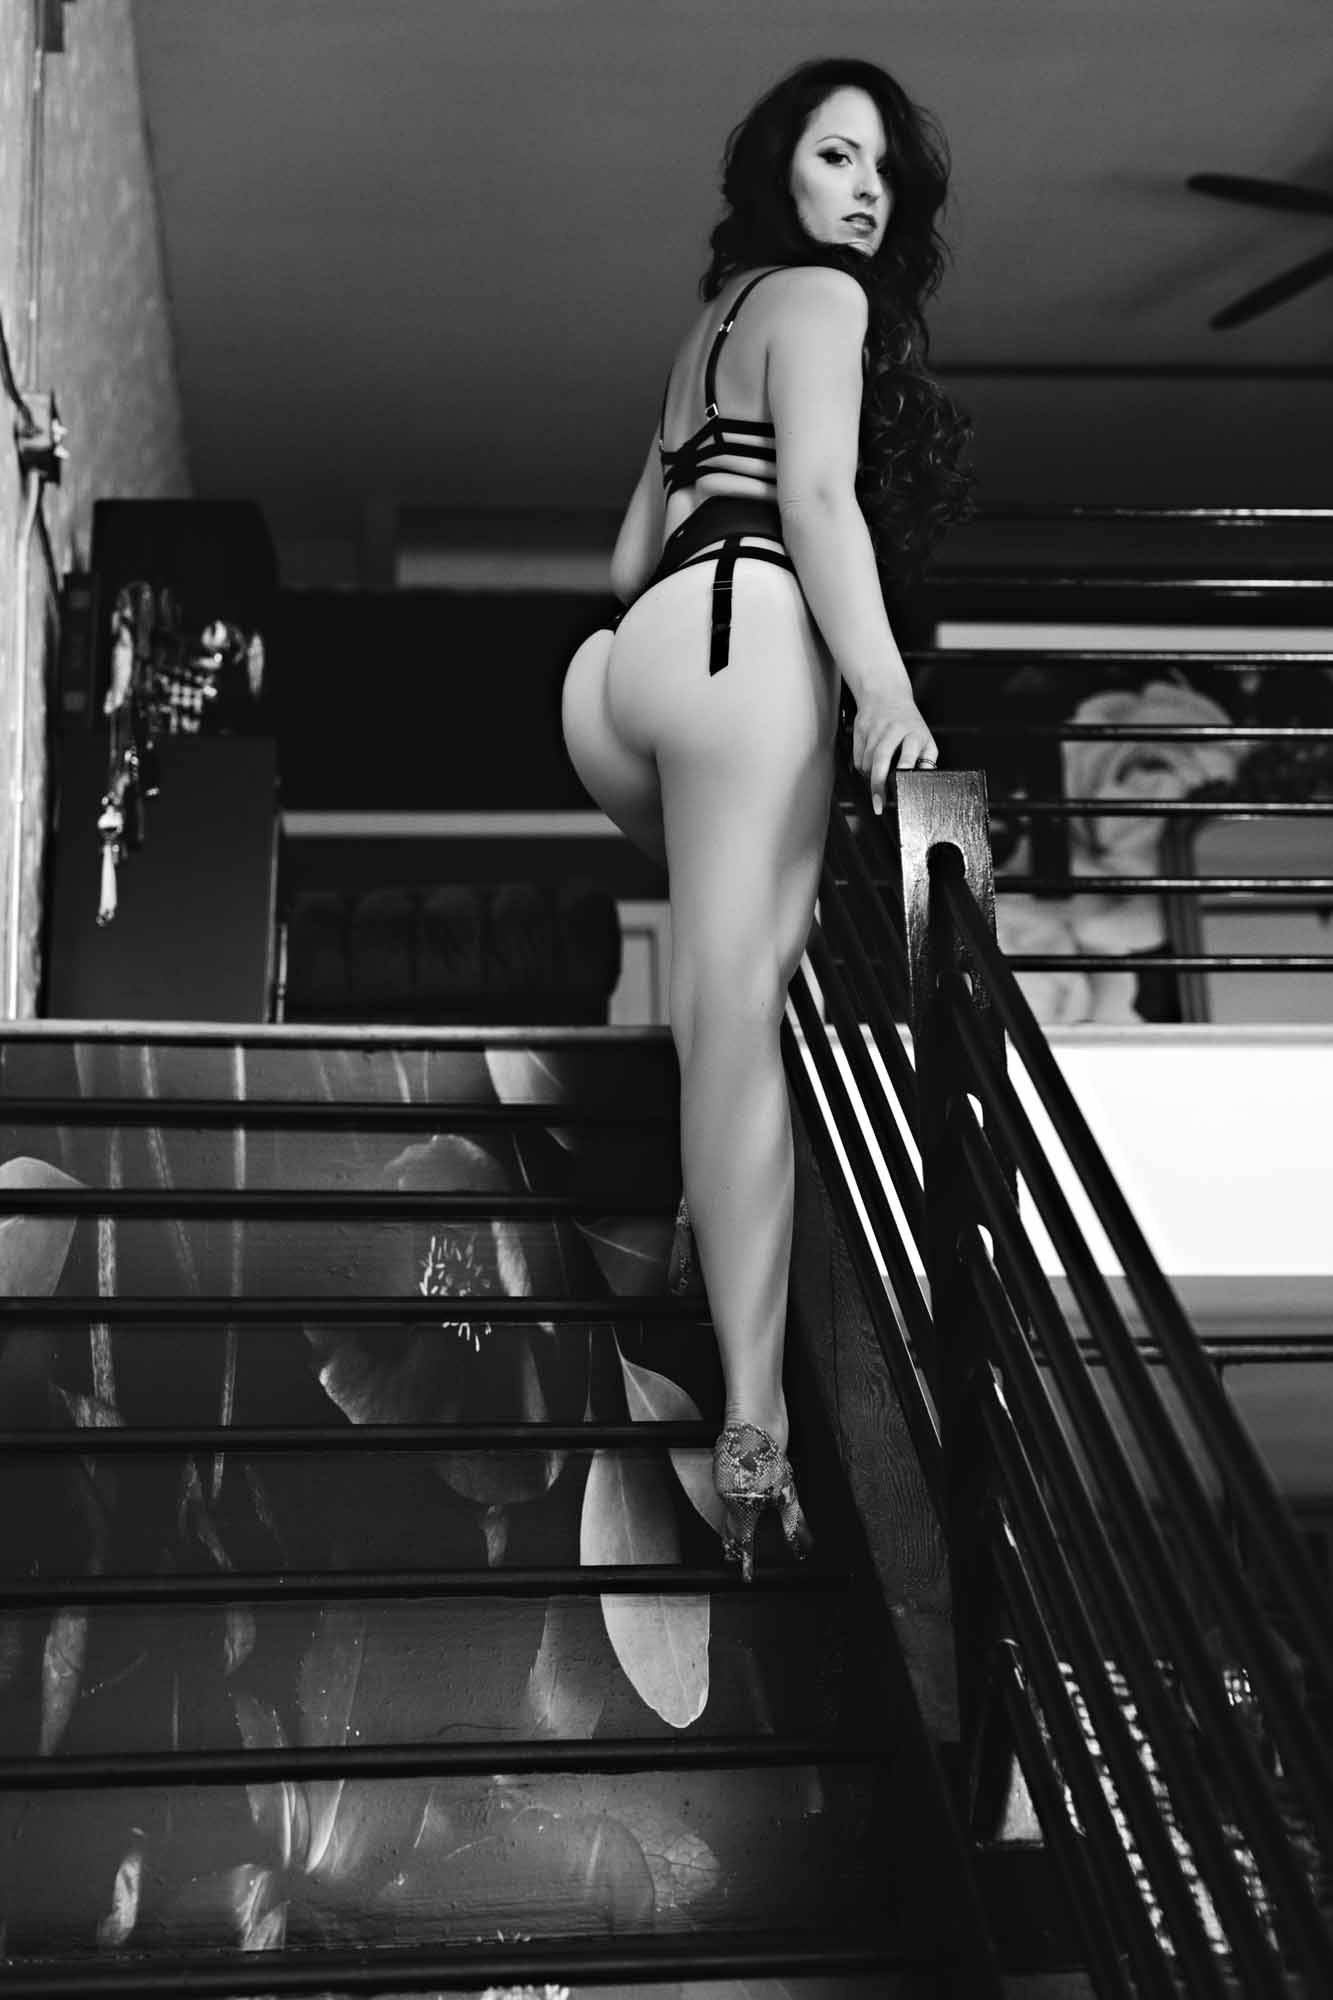 New York Boudoir Photography